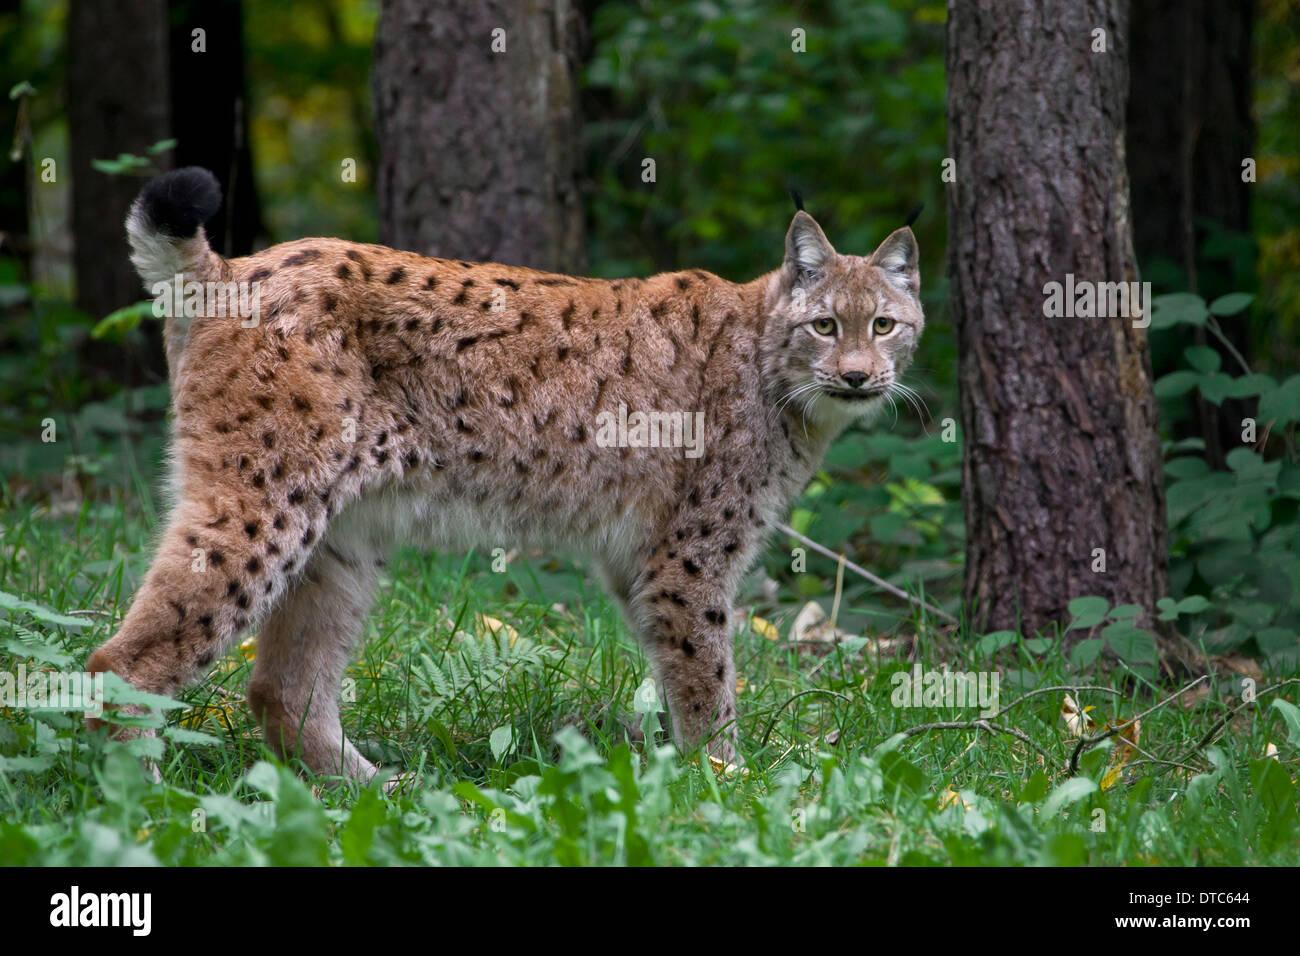 Eurasian lynx (Lynx lynx) in forest - Stock Image